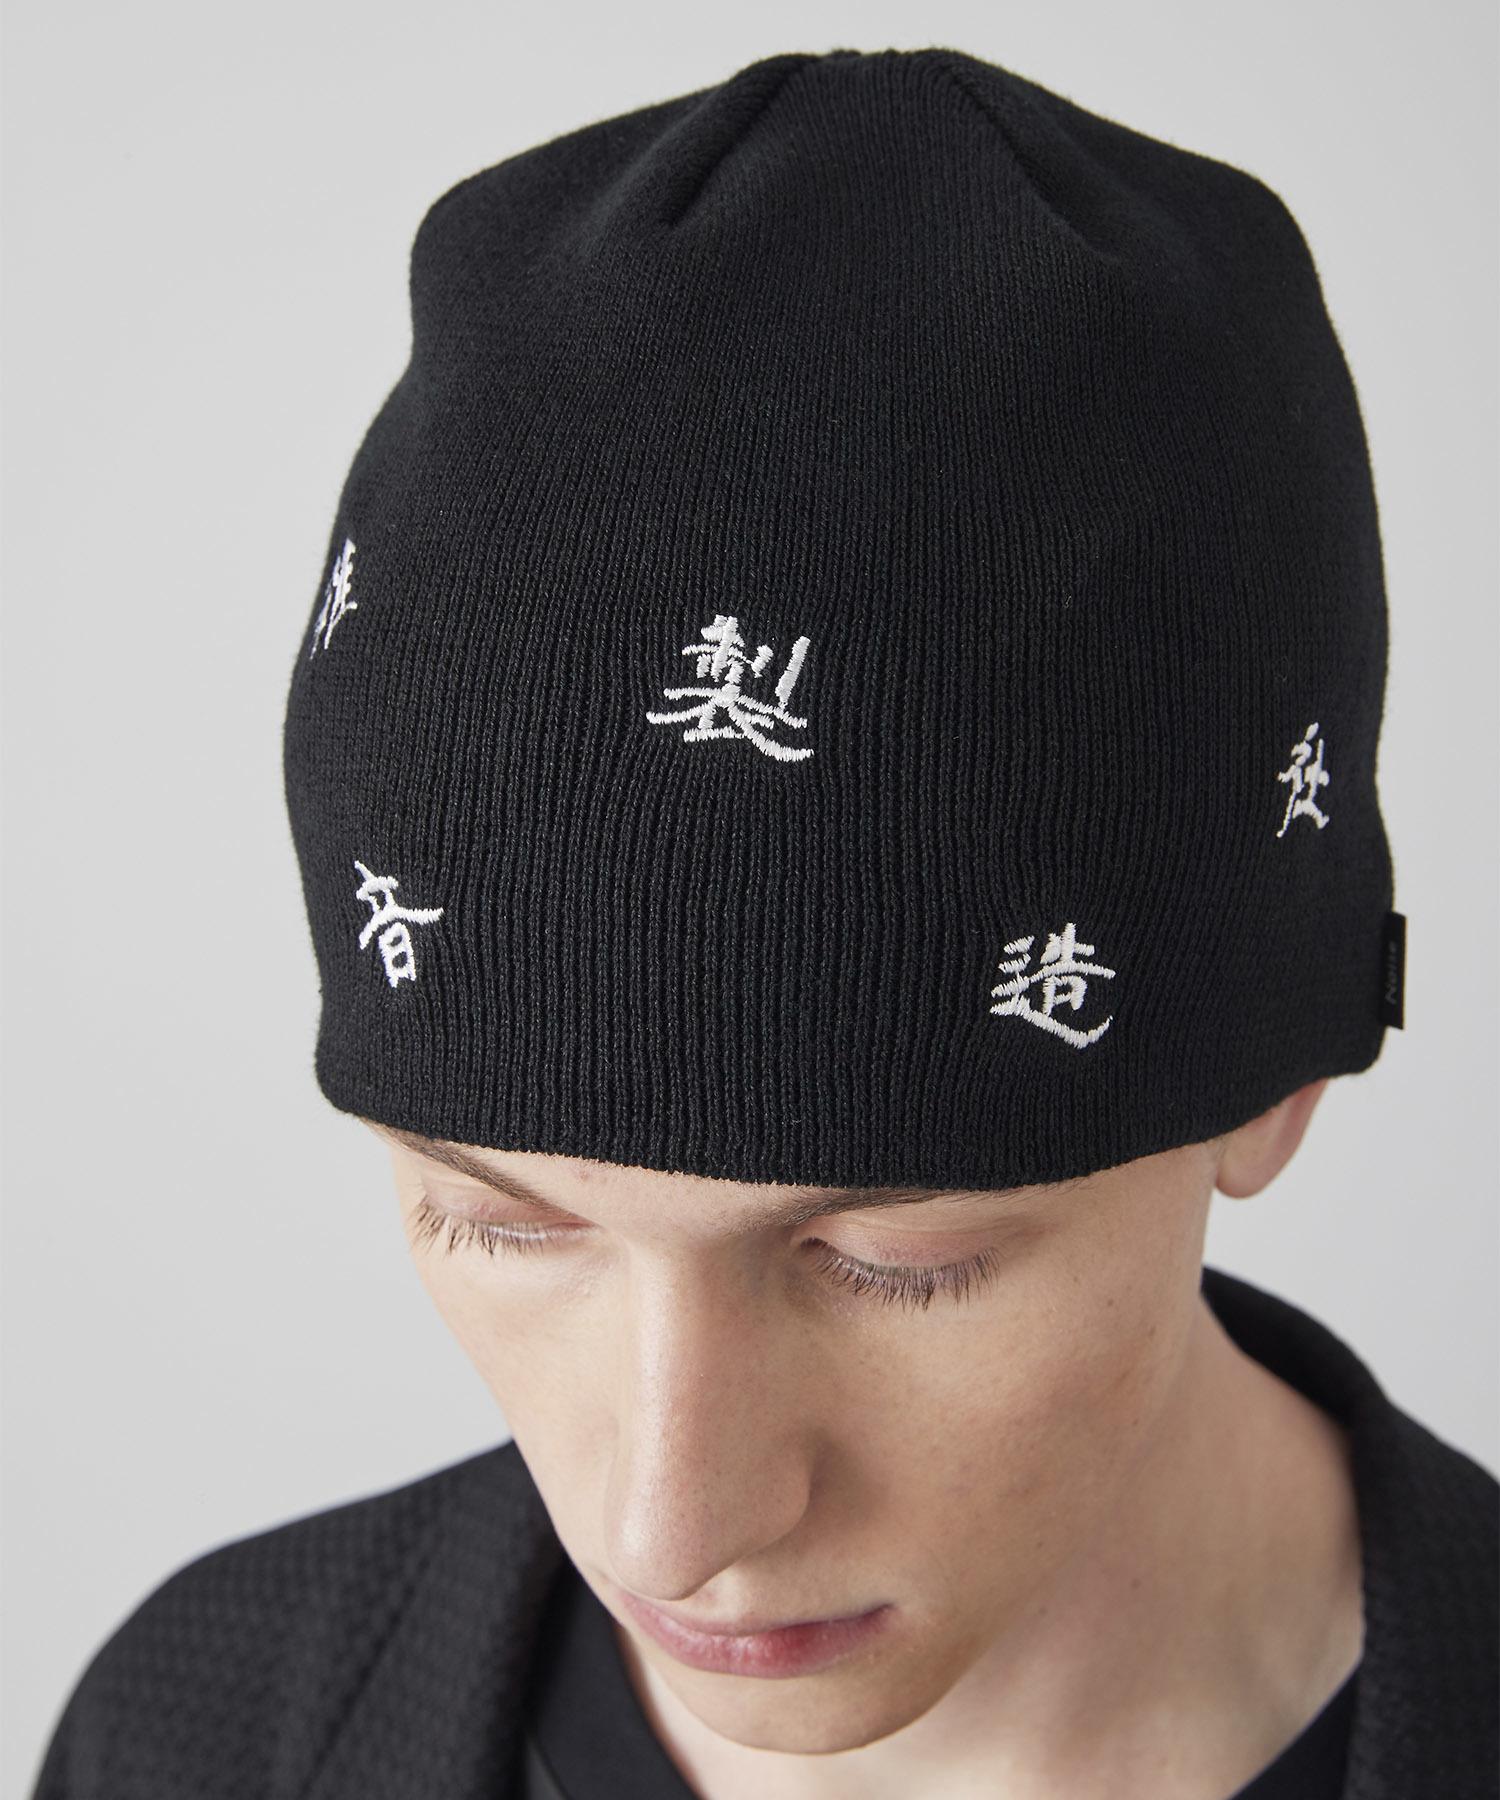 ランダム刺繍ロゴニットキャップ(漢字)